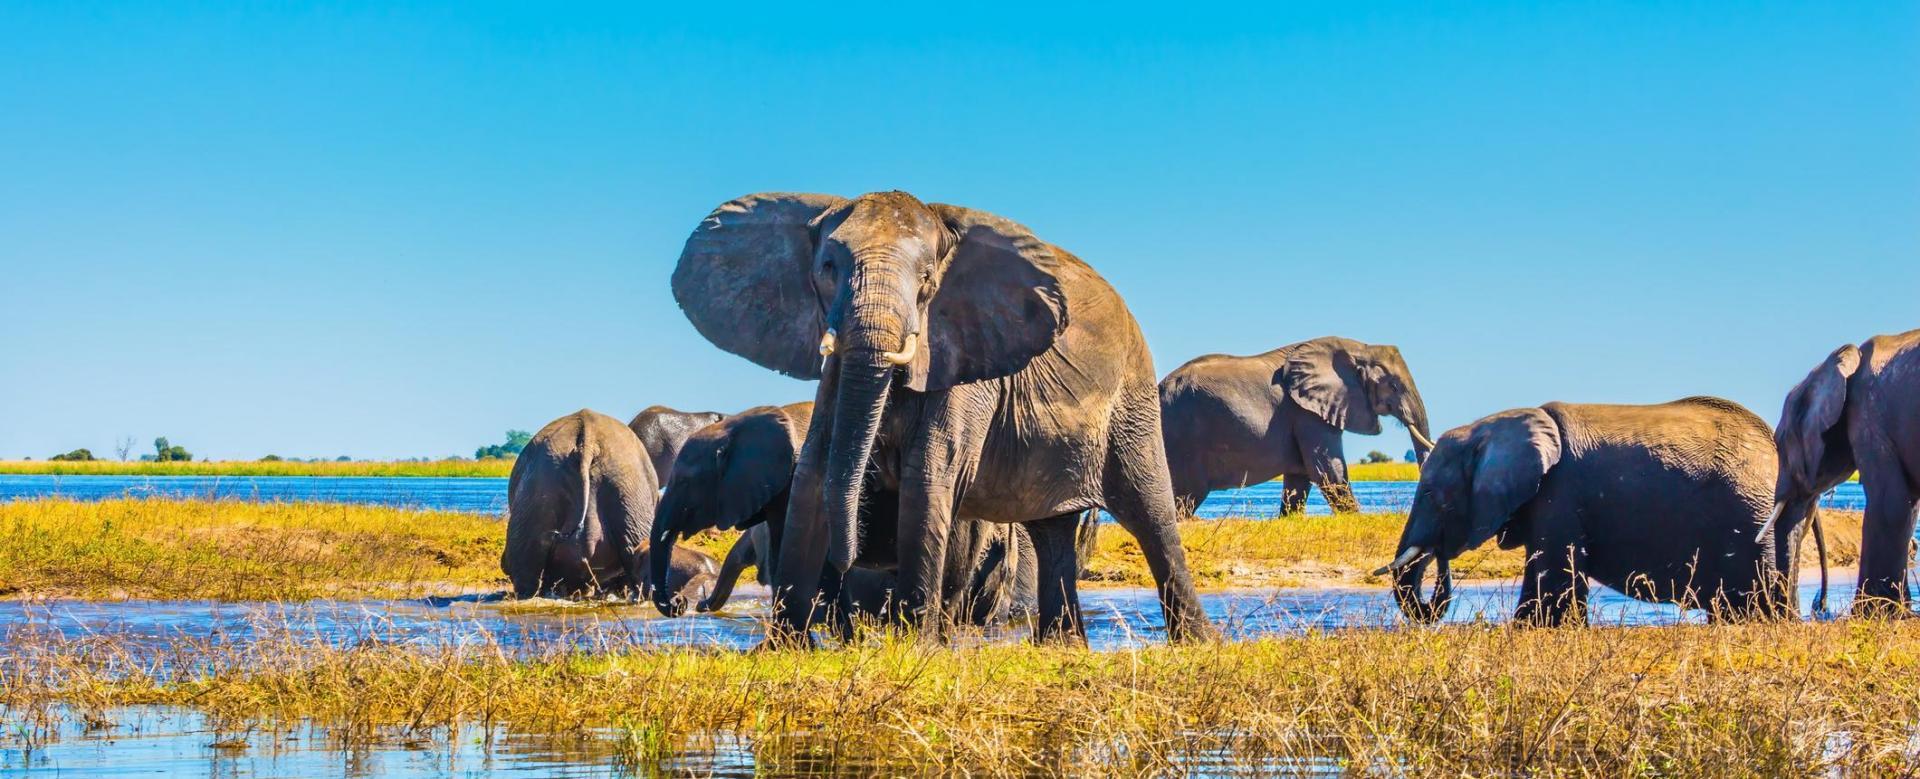 Voyage à pied : Les joyaux de l\'afrique australe en 15 jours